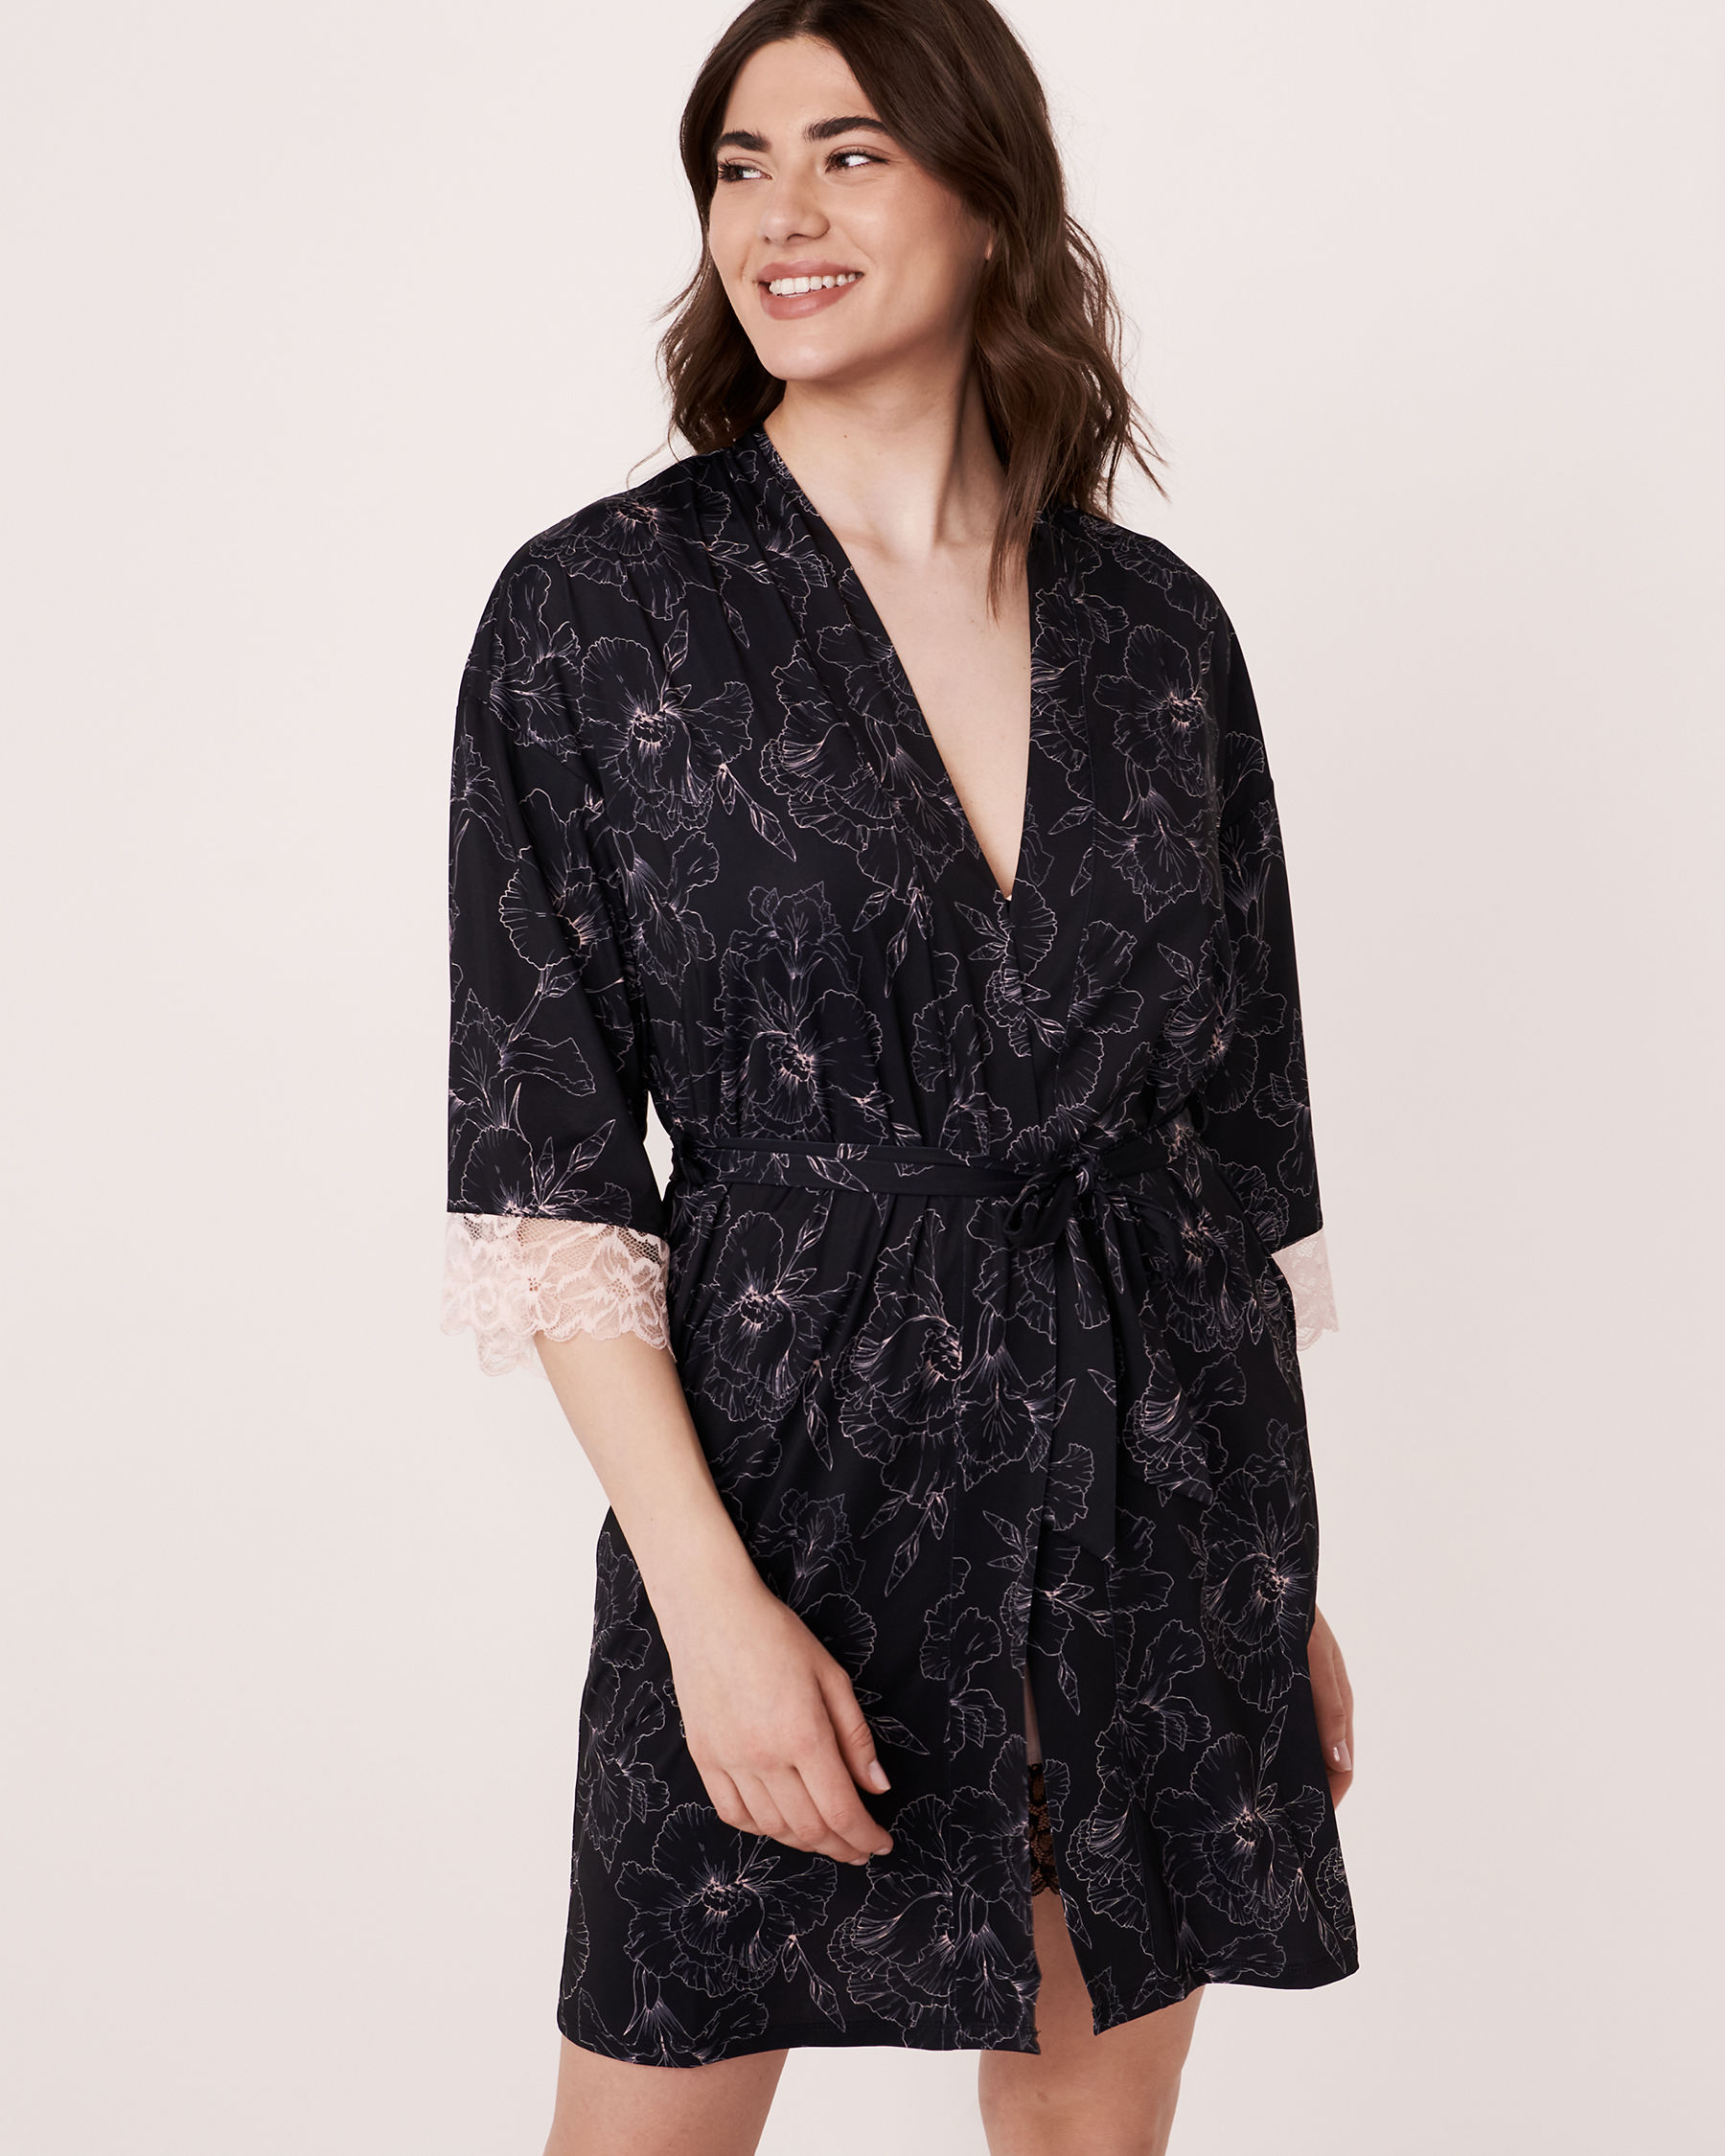 LA VIE EN ROSE Recycled Fibers Lace Trim Kimono Black flower 40600017 - View1